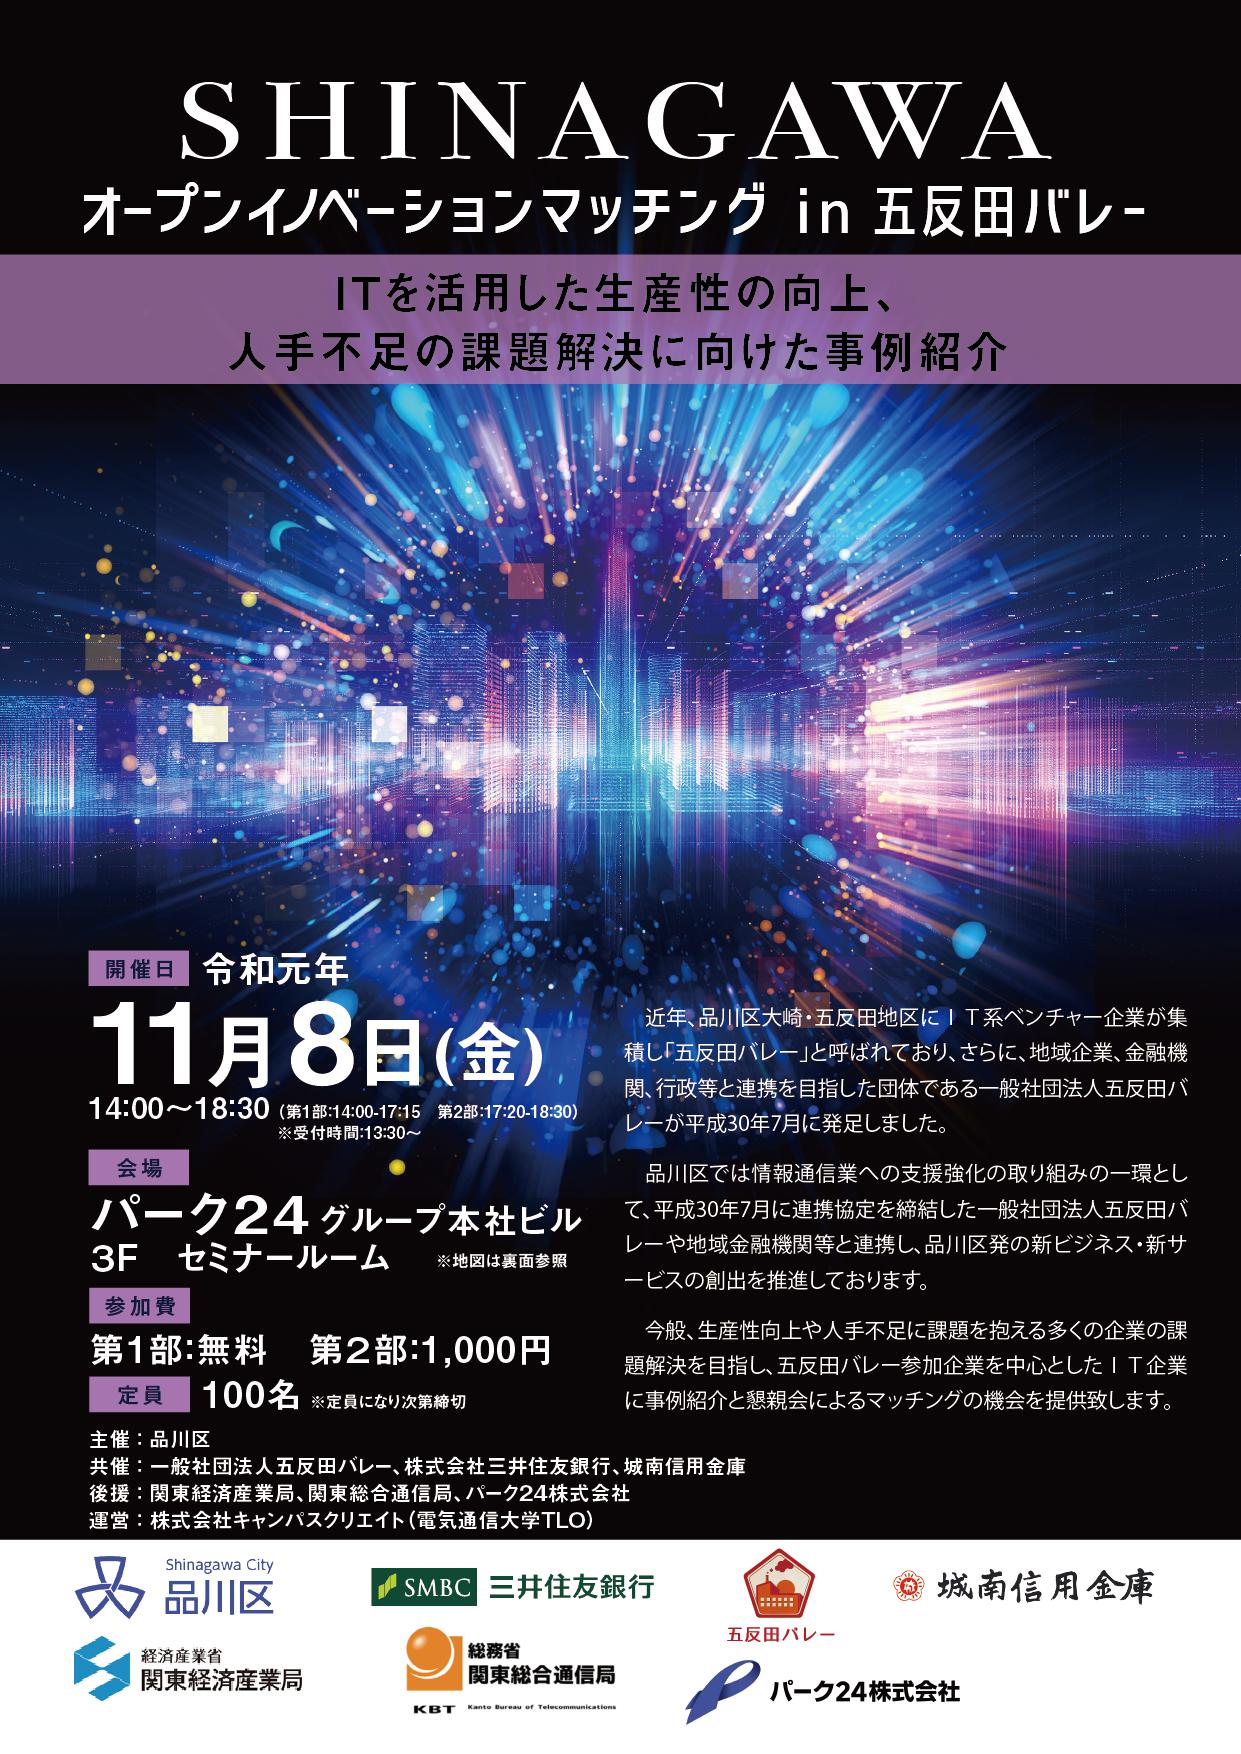 SHINAGAWAオープンイノベーションマッチング in 五反田バレー ~ITを活用した生産性の向上、人手不足の課題解決に向けた事例紹介~